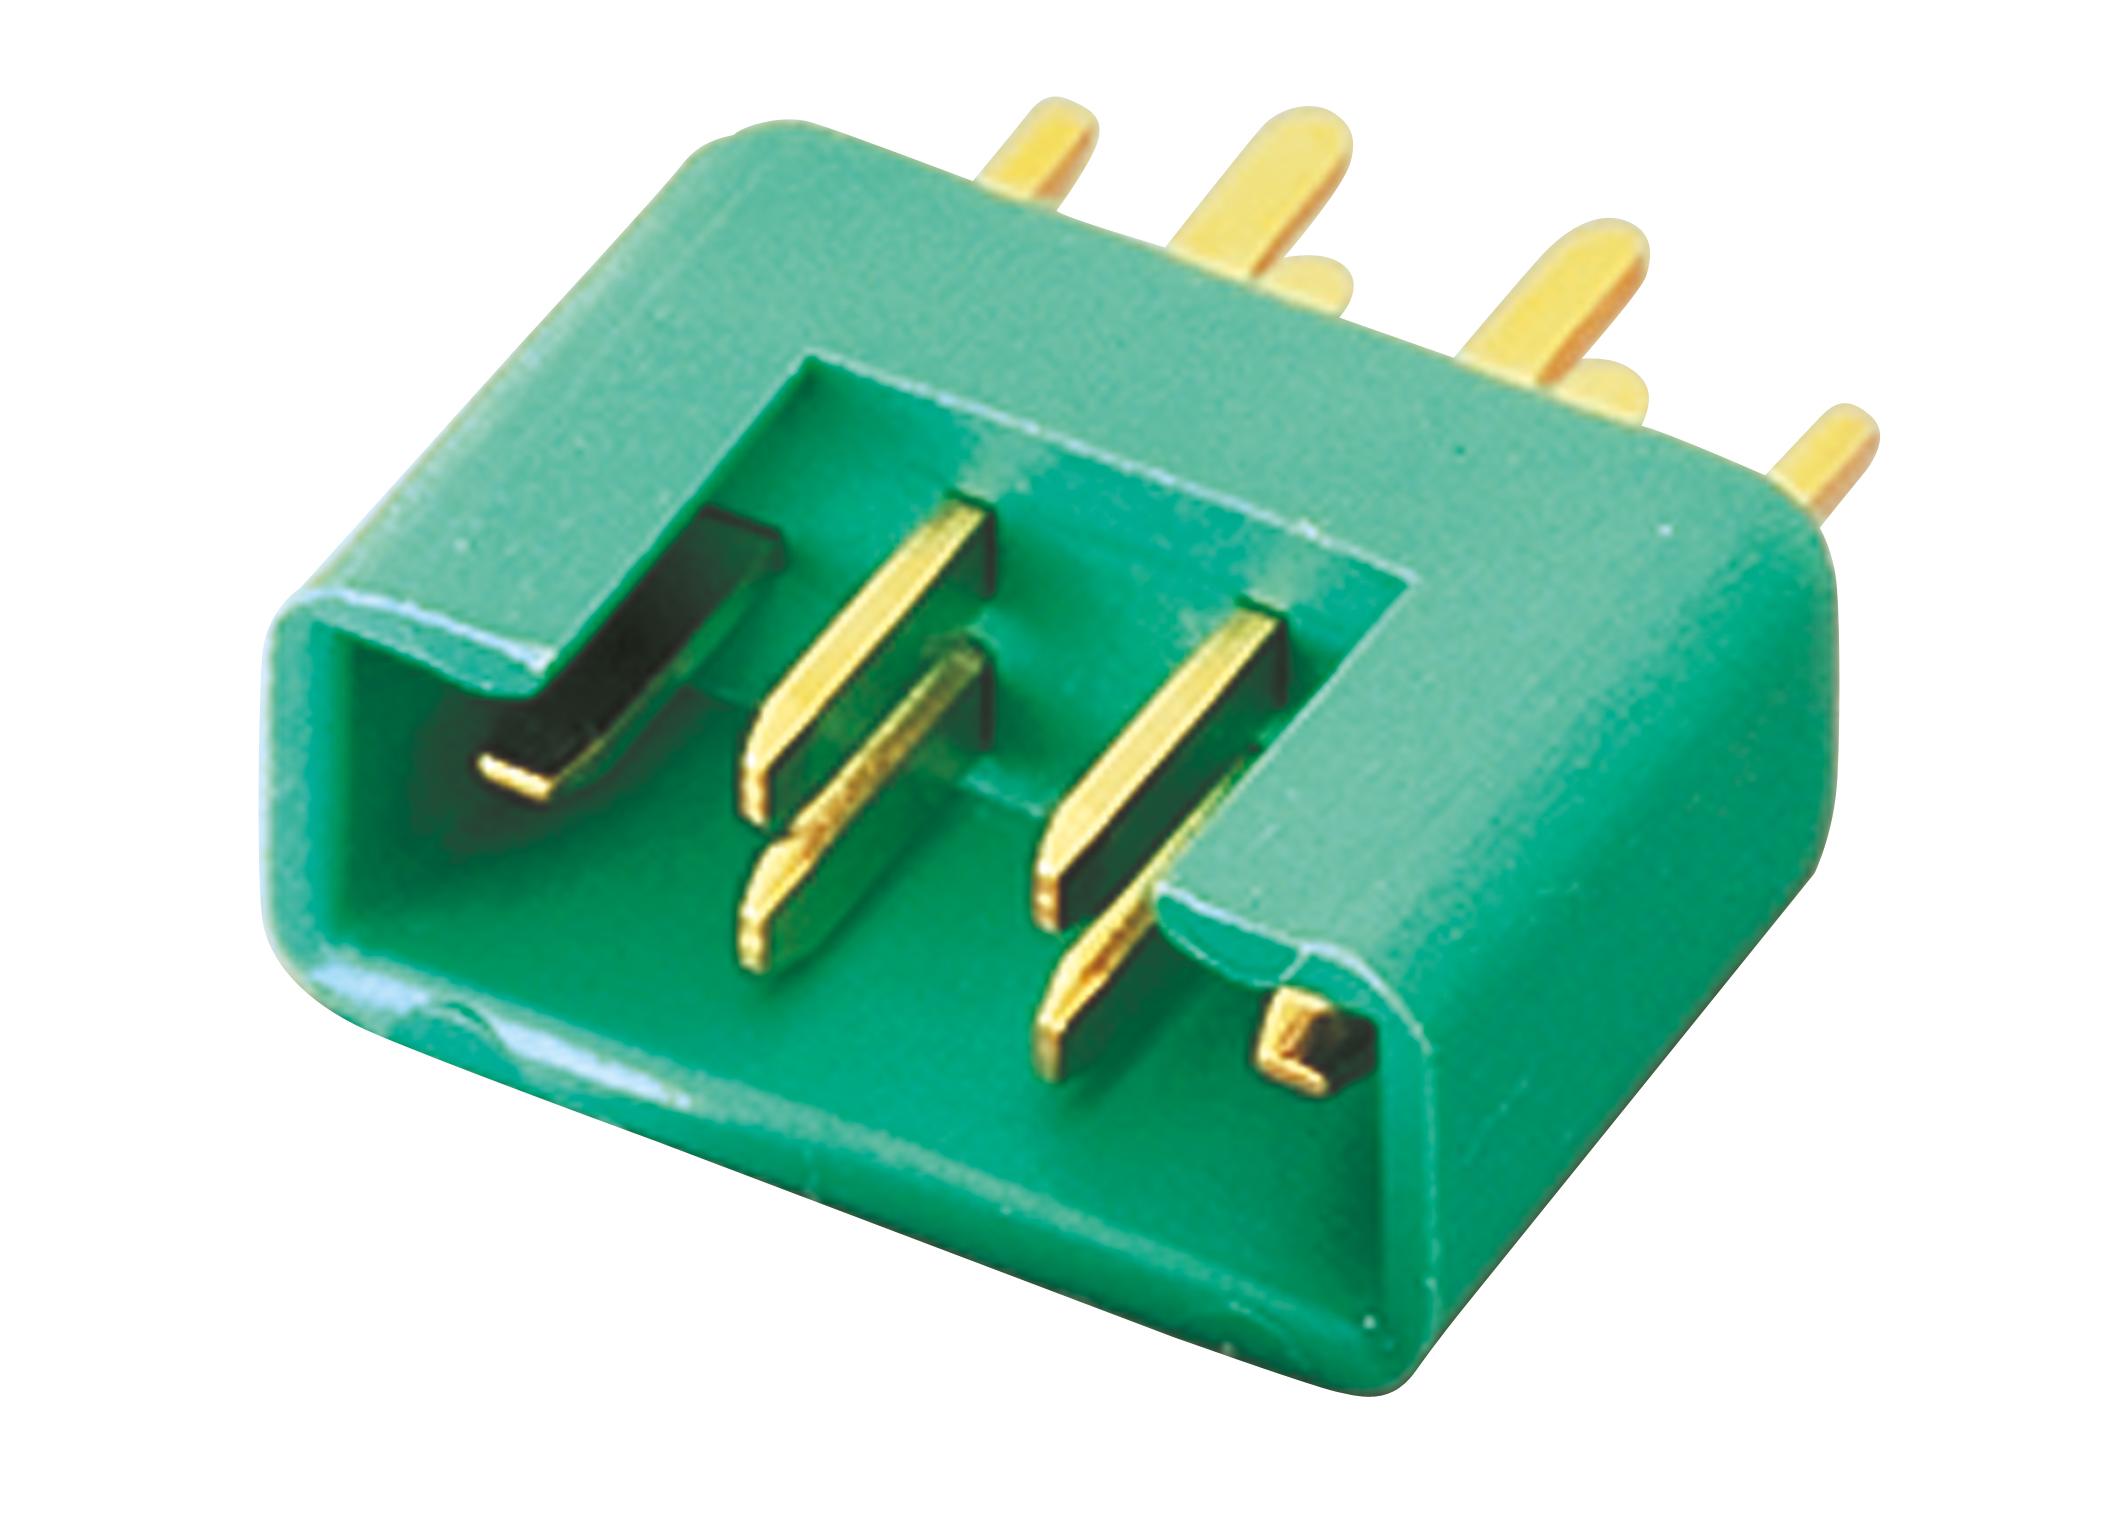 MPX-Stecker M6 (grün)